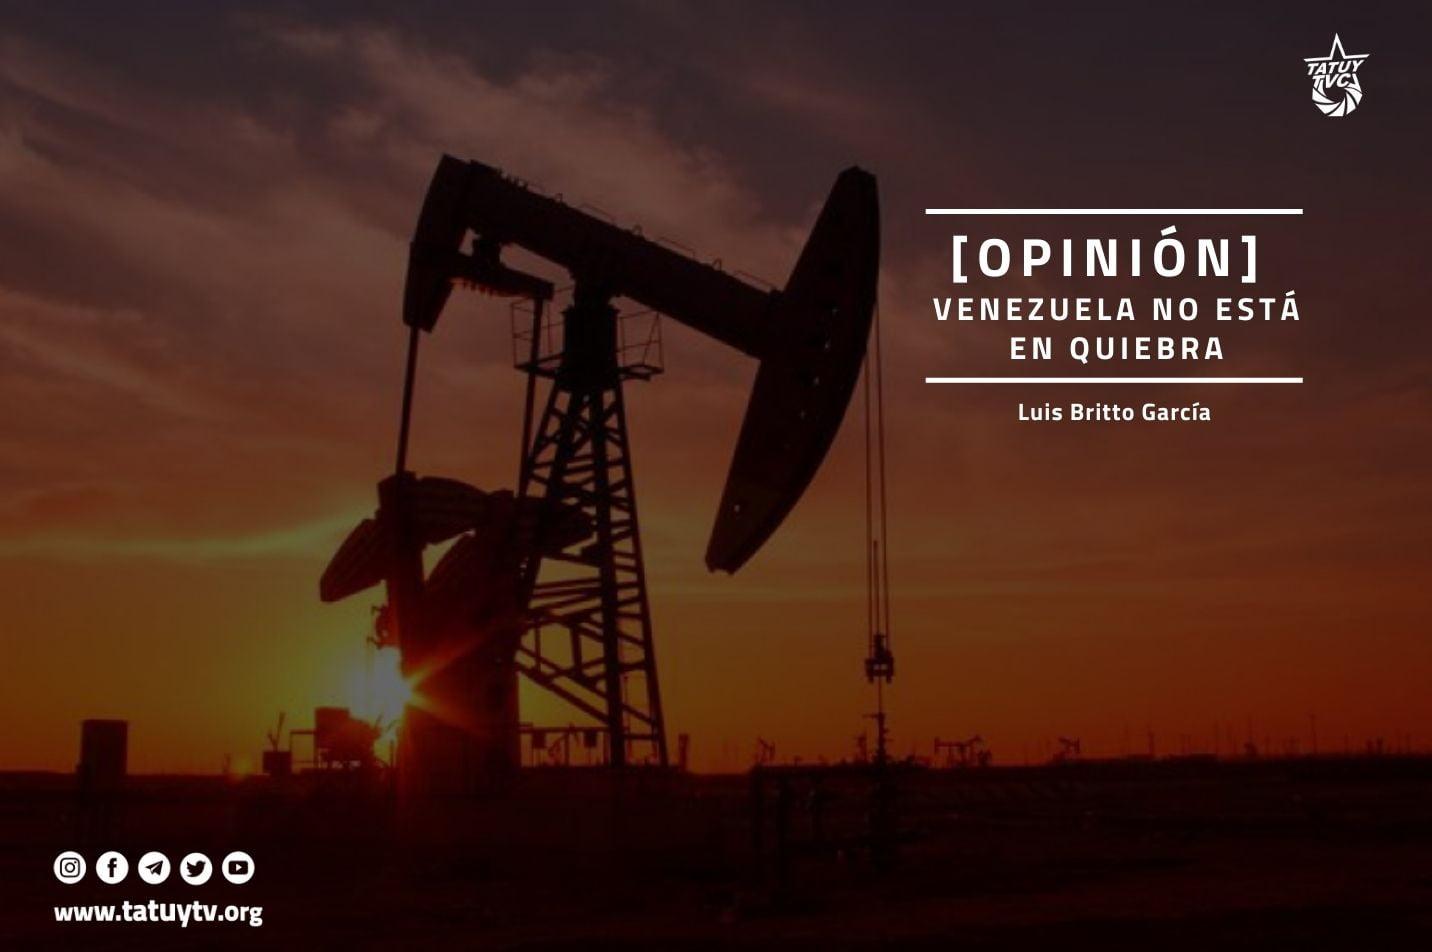 venezuela no está en quiebra